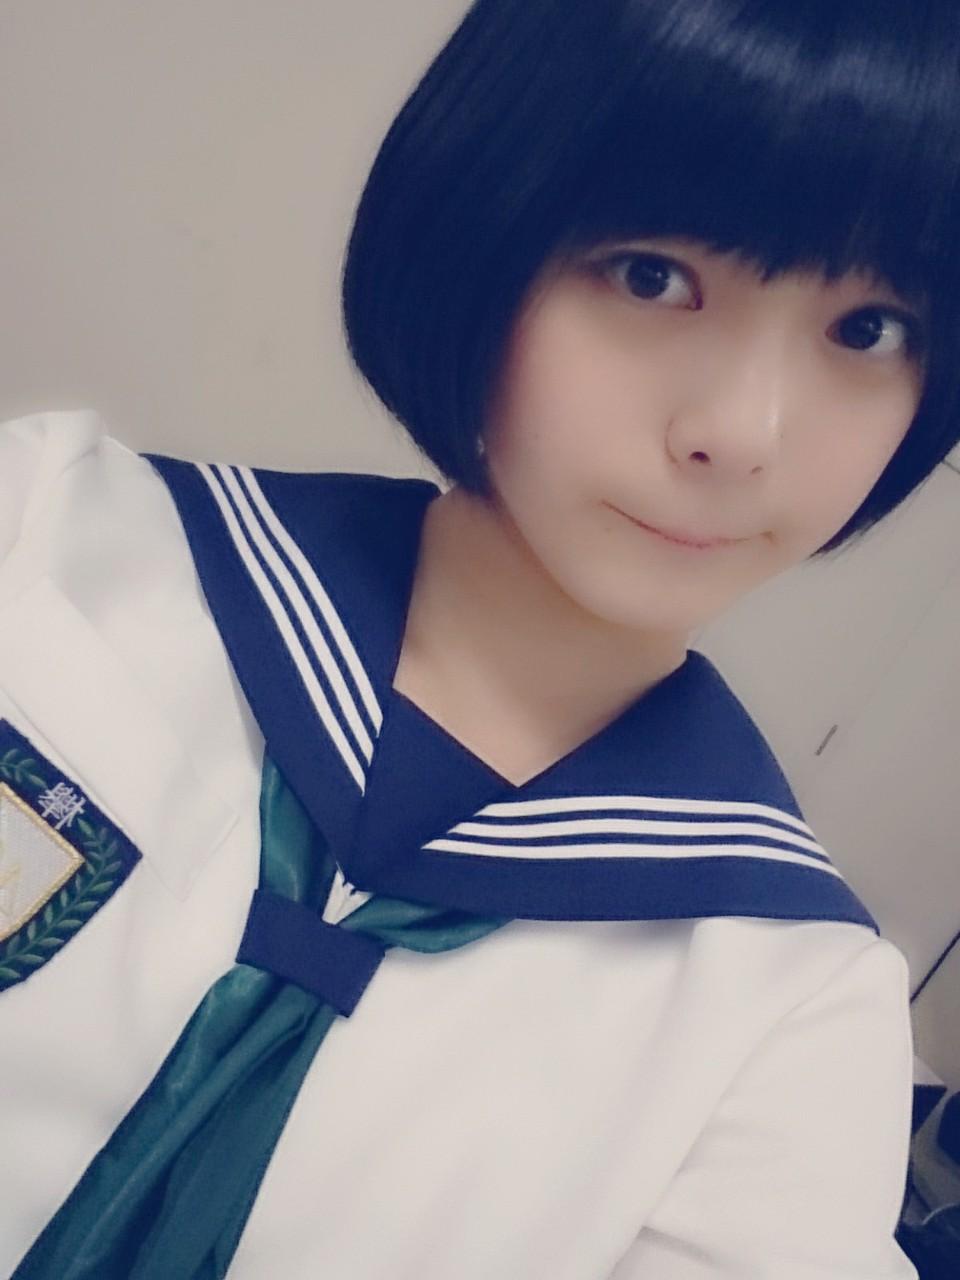 中学生 twitter  エロ Hirate Yurina : Keyakizaka46 | 平手友梨奈 : 欅坂46